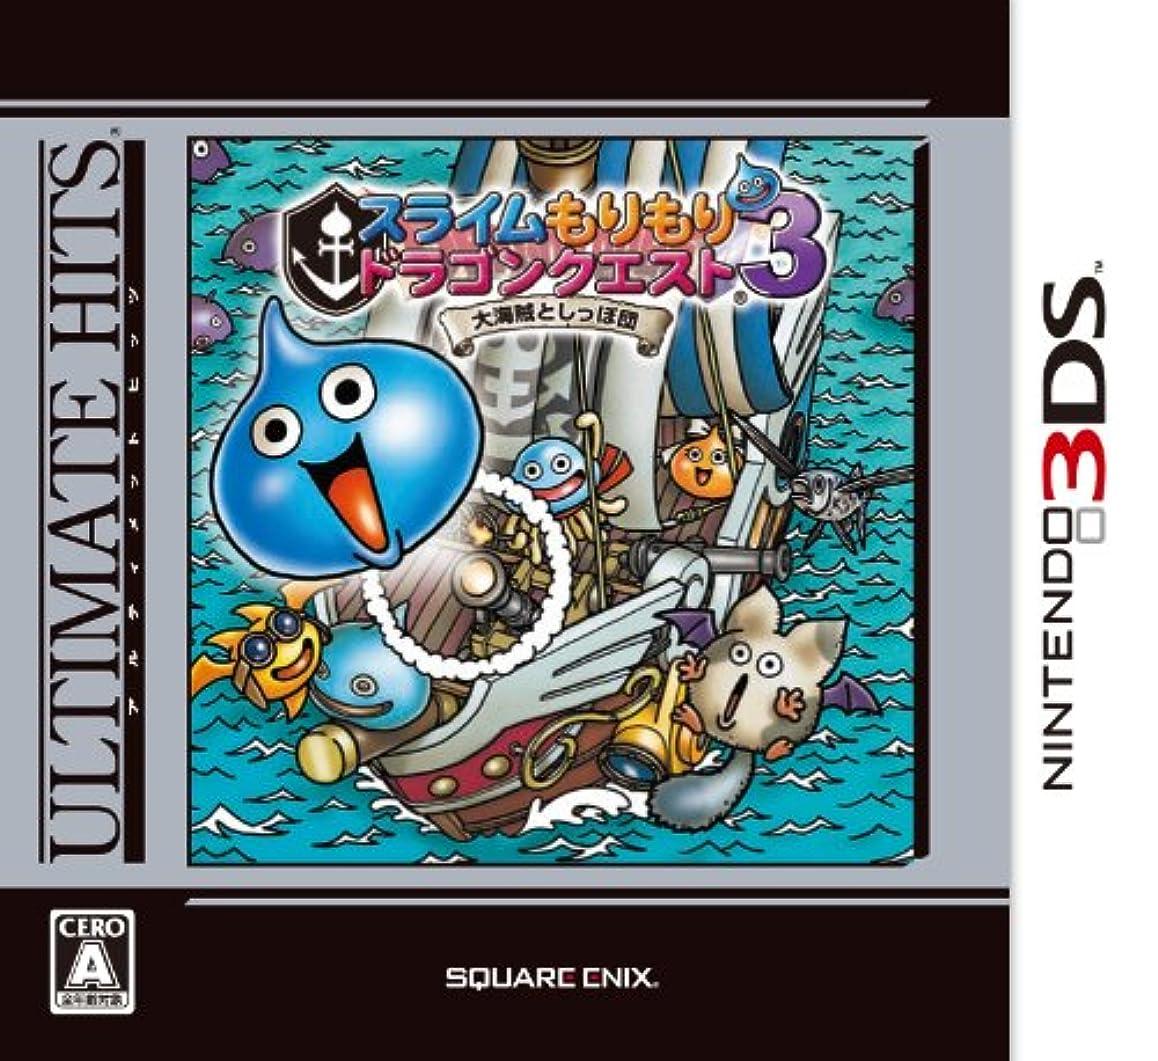 朝パイル無限大アルティメット ヒッツ スライムもりもりドラゴンクエスト3 大海賊としっぽ団 - 3DS